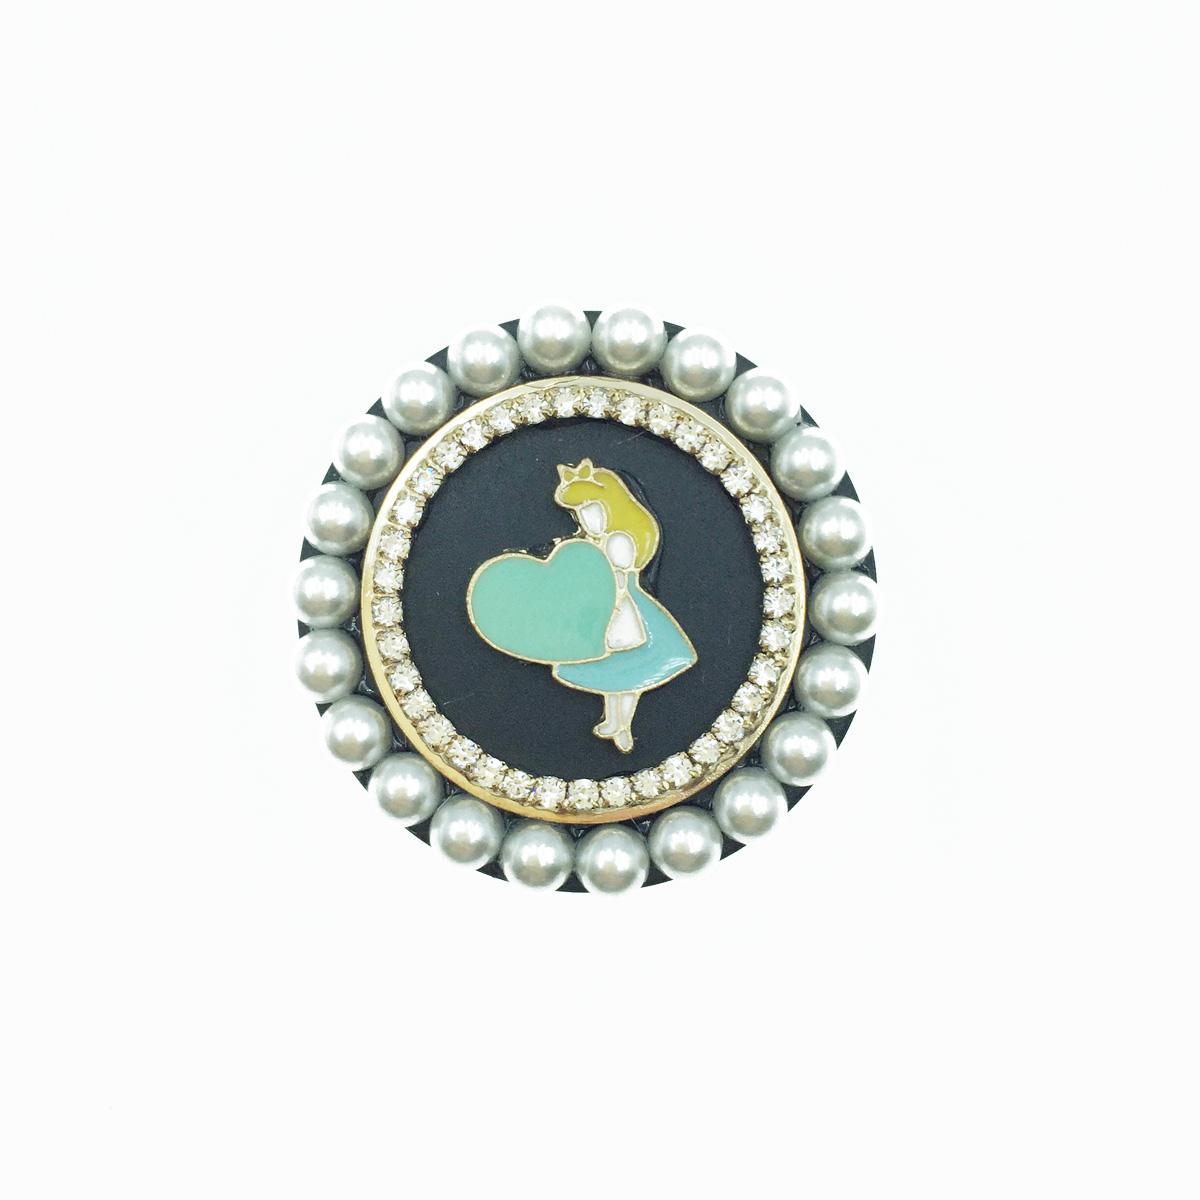 韓國 愛麗絲 Alice 藍綠色愛心 珍珠 水鑽 金邊 手機氣墊支架